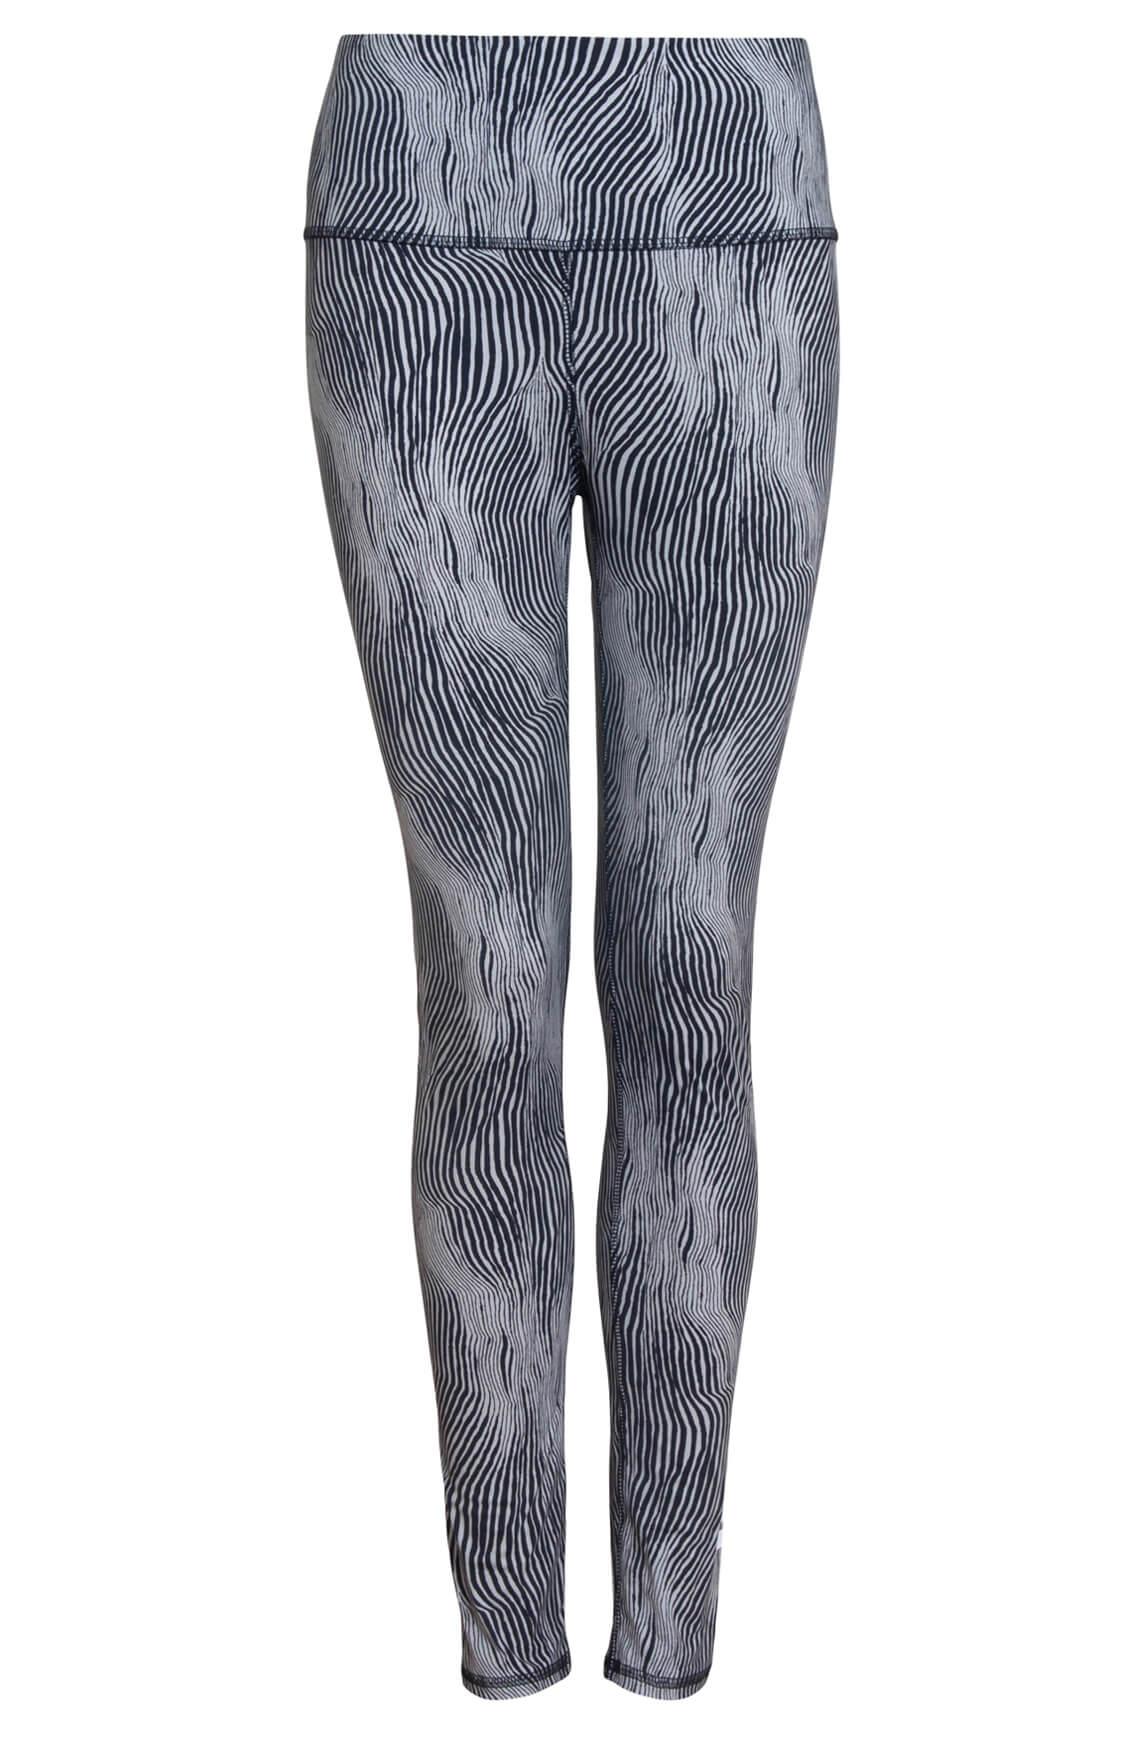 10 Days Dames Zebra legging zwart